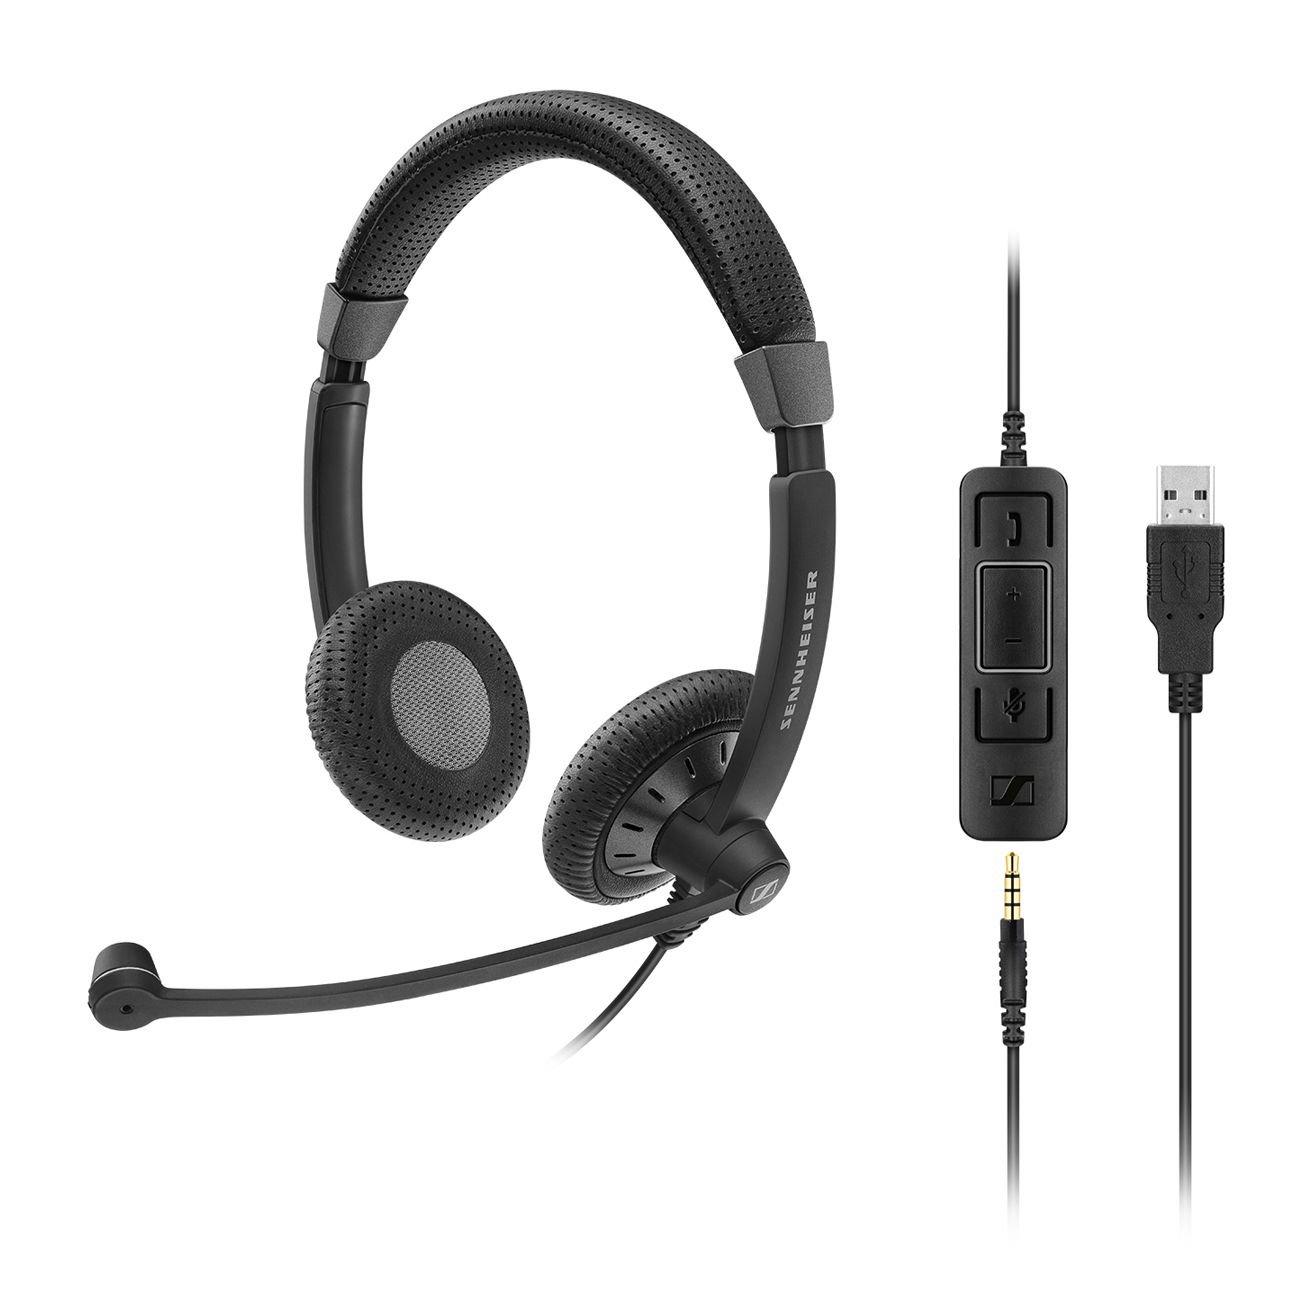 Sennheiser Enterprise Solution 615104277410 SC 75 USB CTRL VOIP Telephone Headset